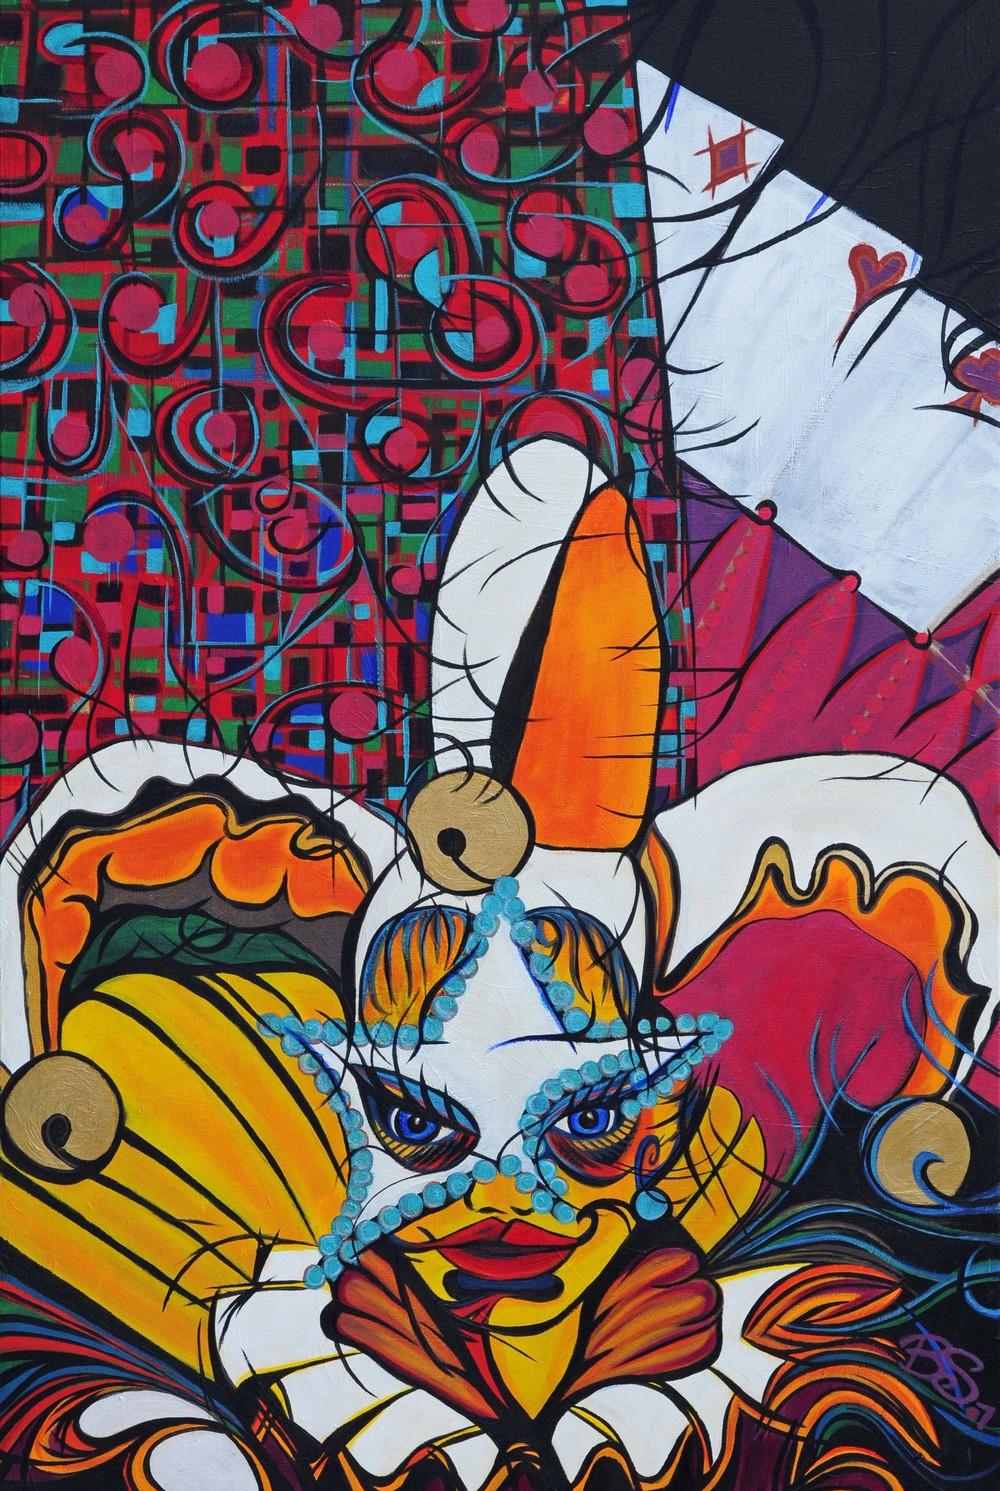 O Las Vegas - painting by Brandy Saturley of Las Vegas Jesters, 2007